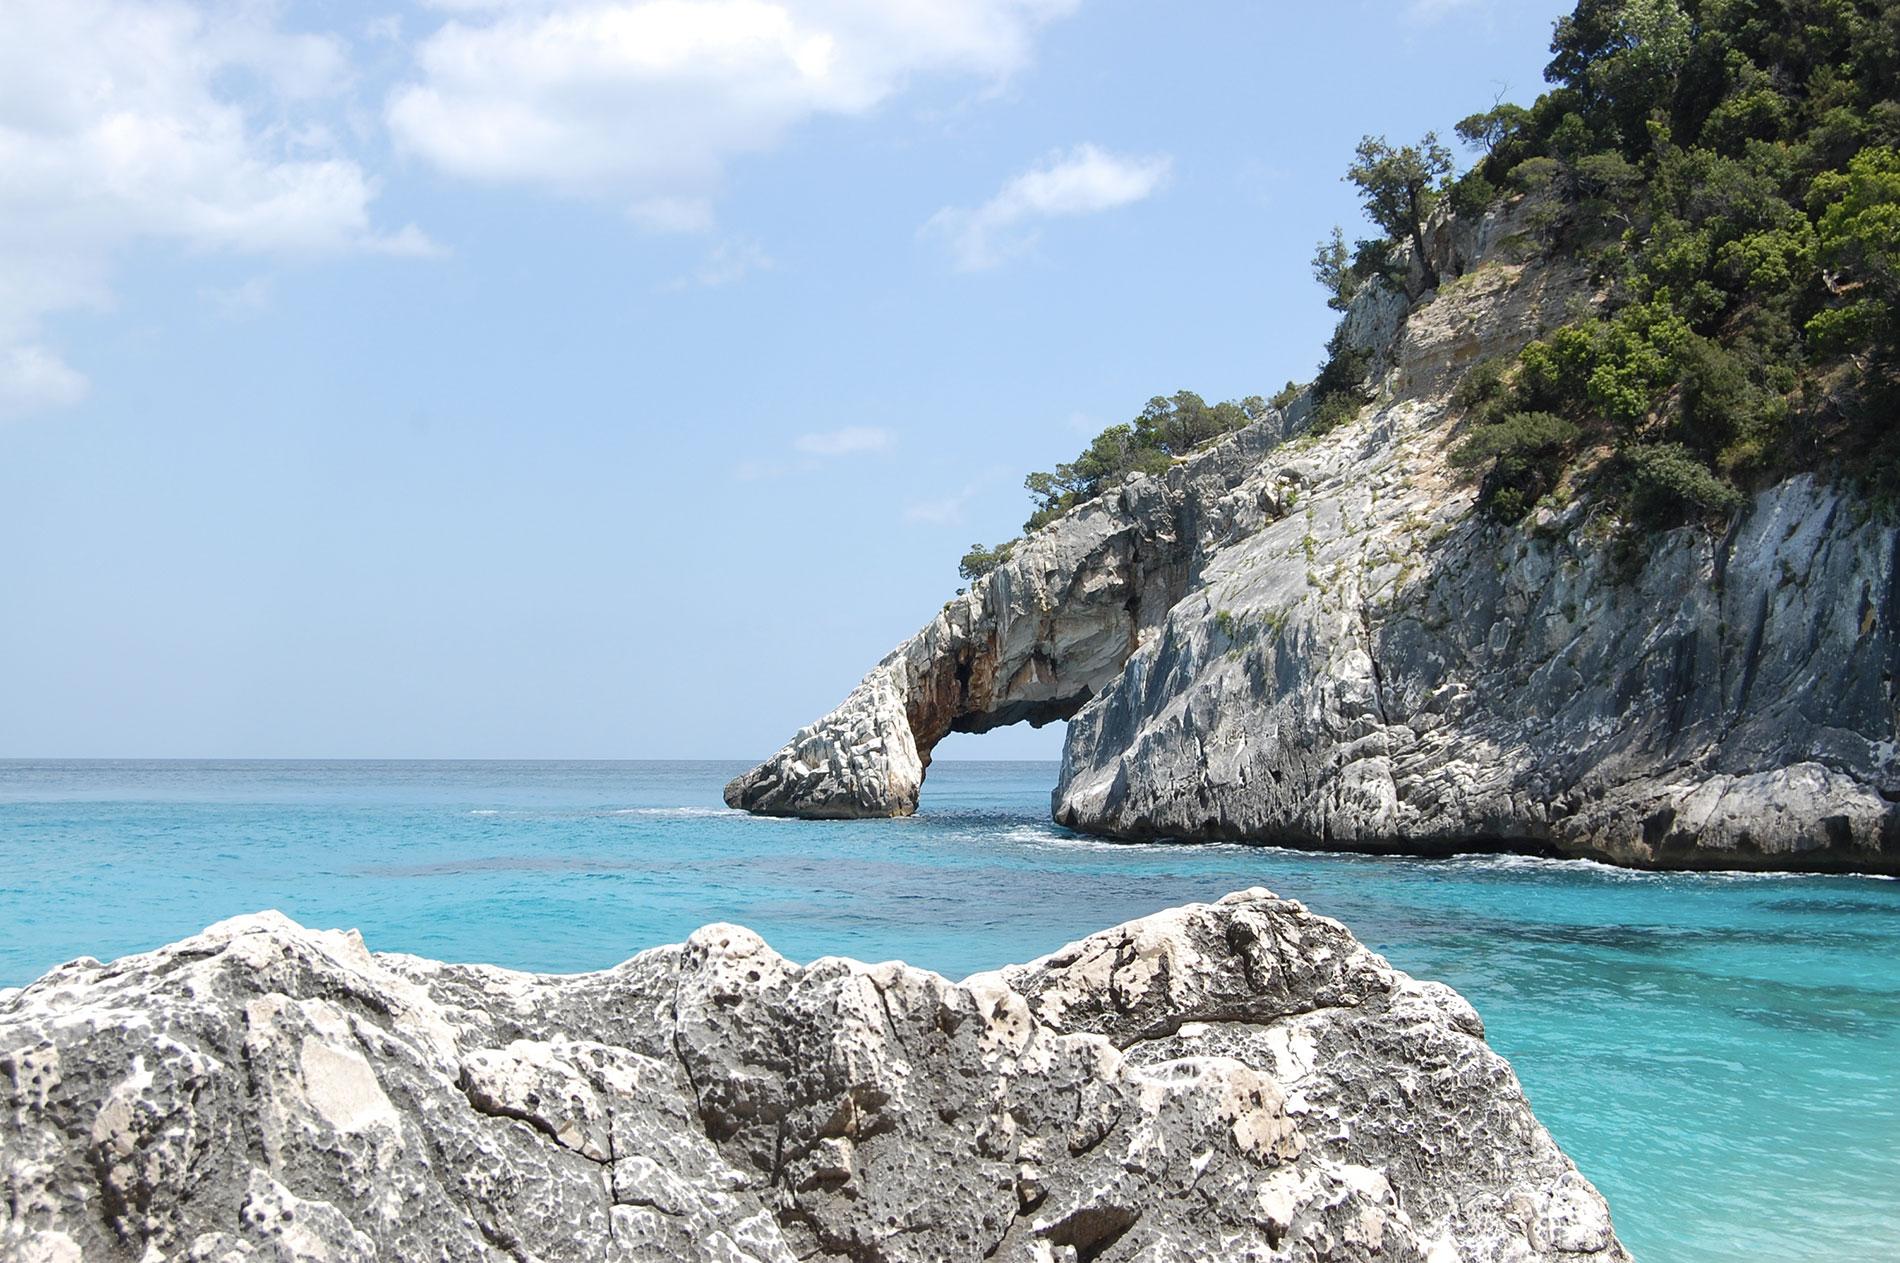 Cala Goloritzé, Baunei, Sardegna